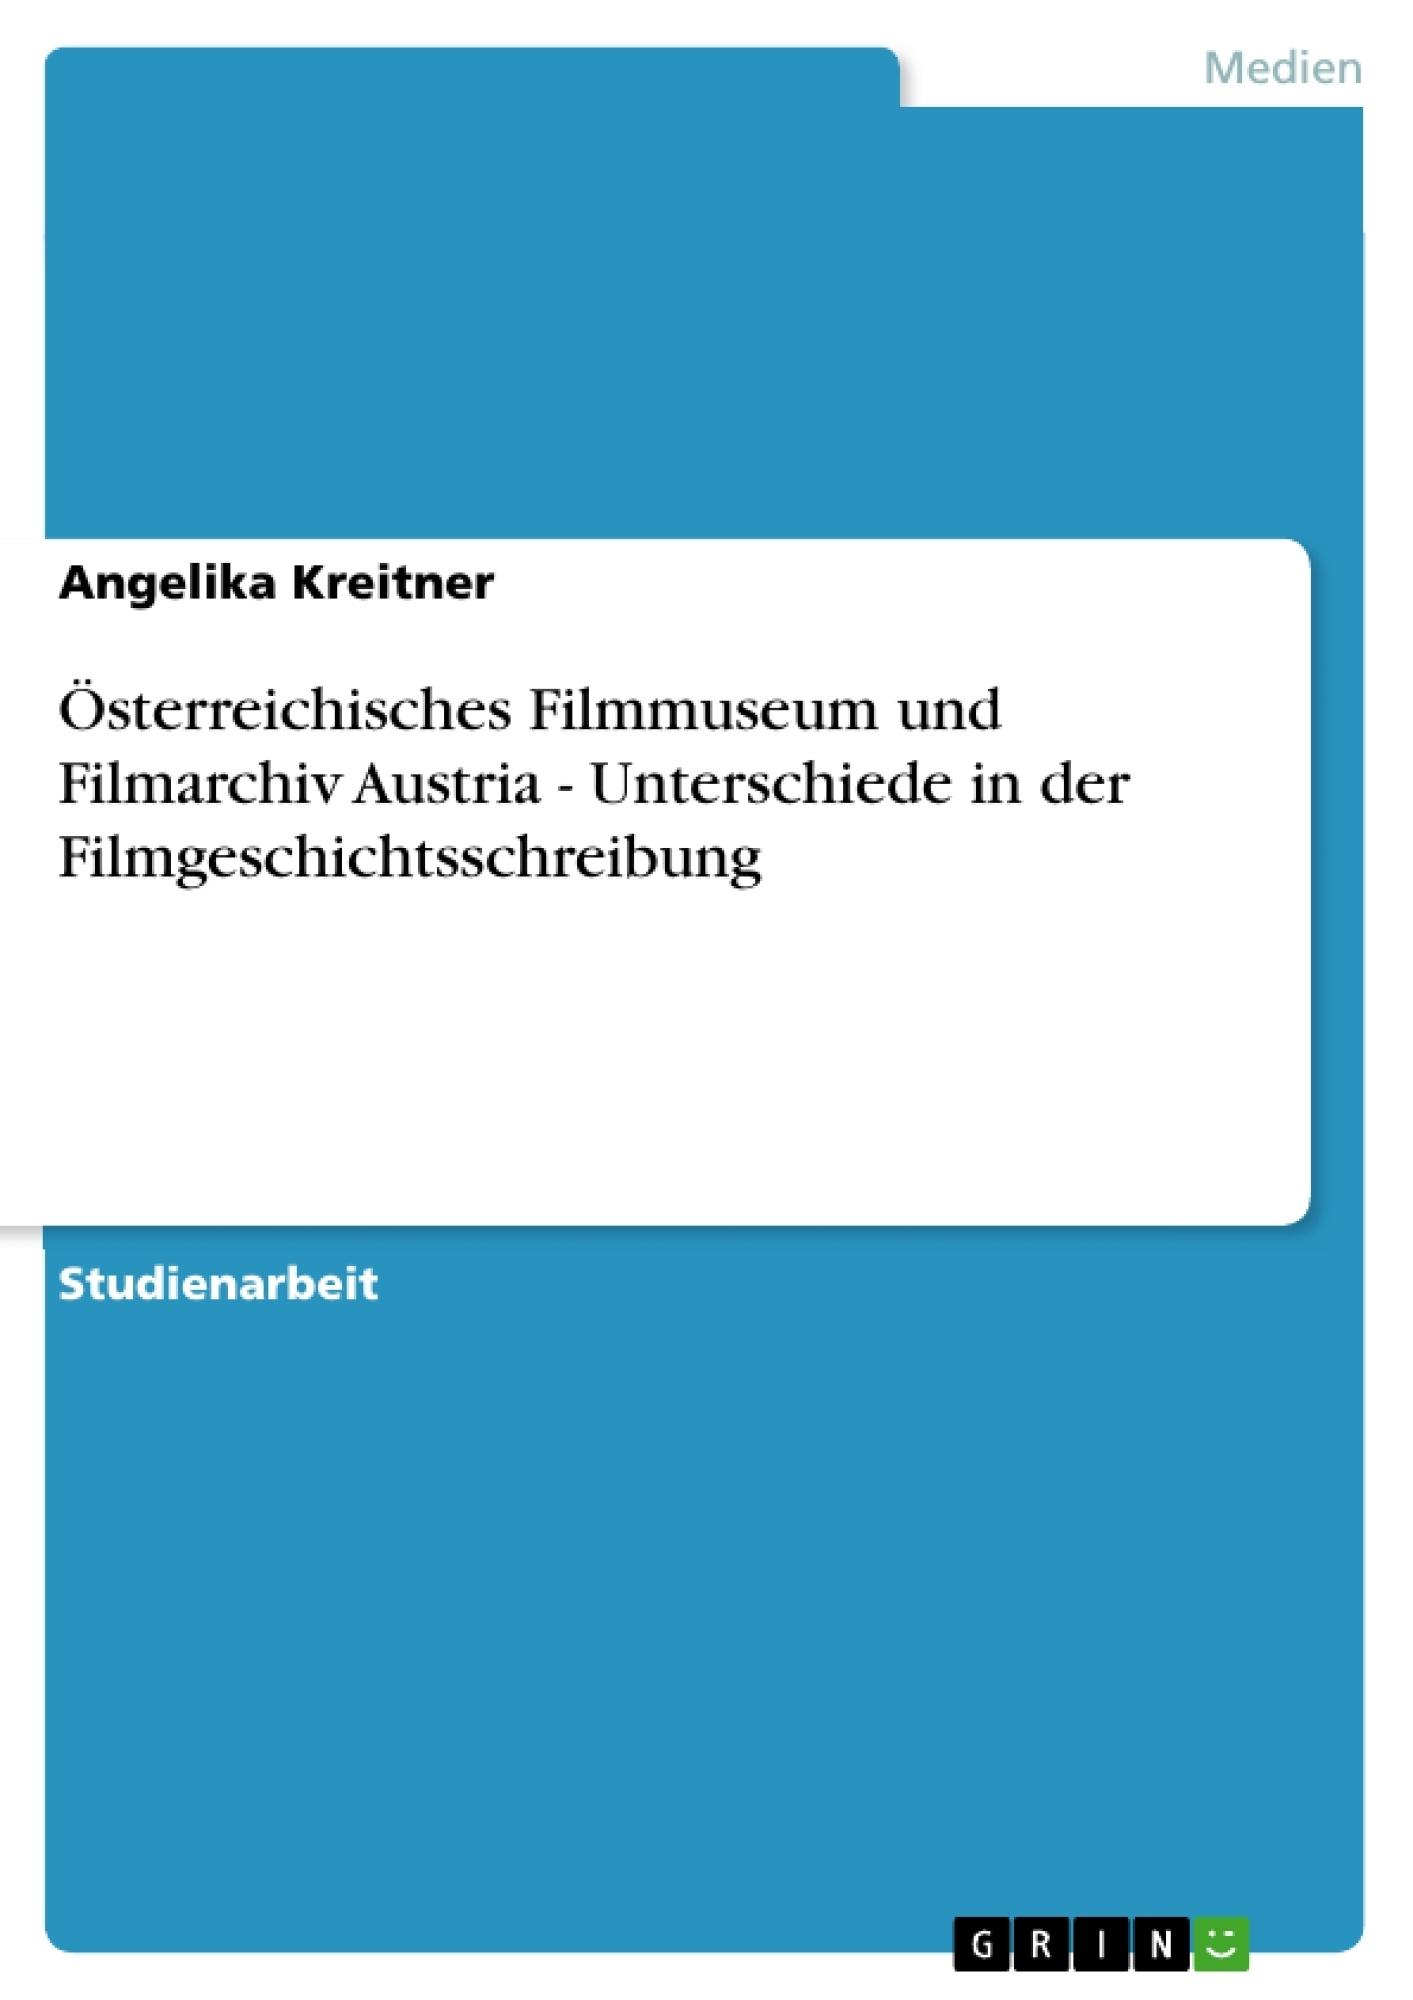 Titel: Österreichisches Filmmuseum und Filmarchiv Austria - Unterschiede in der Filmgeschichtsschreibung